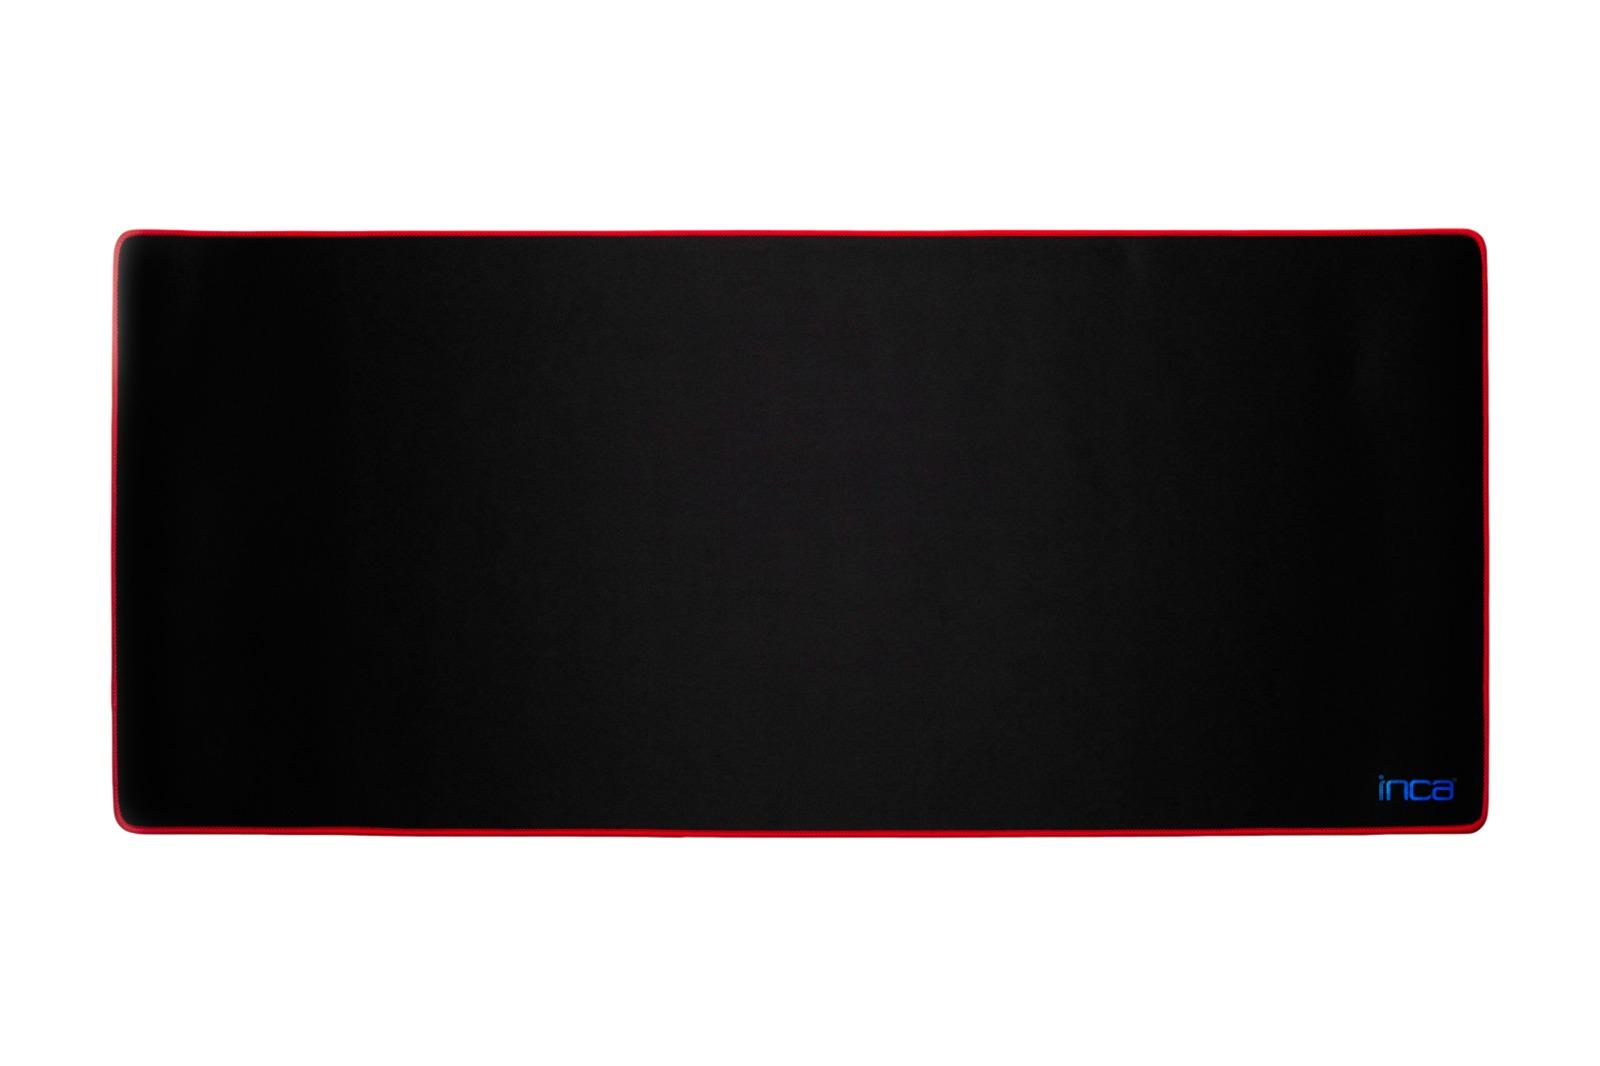 Inca IMP-018K Kırmızı Dikişli XXL Mouse Pad